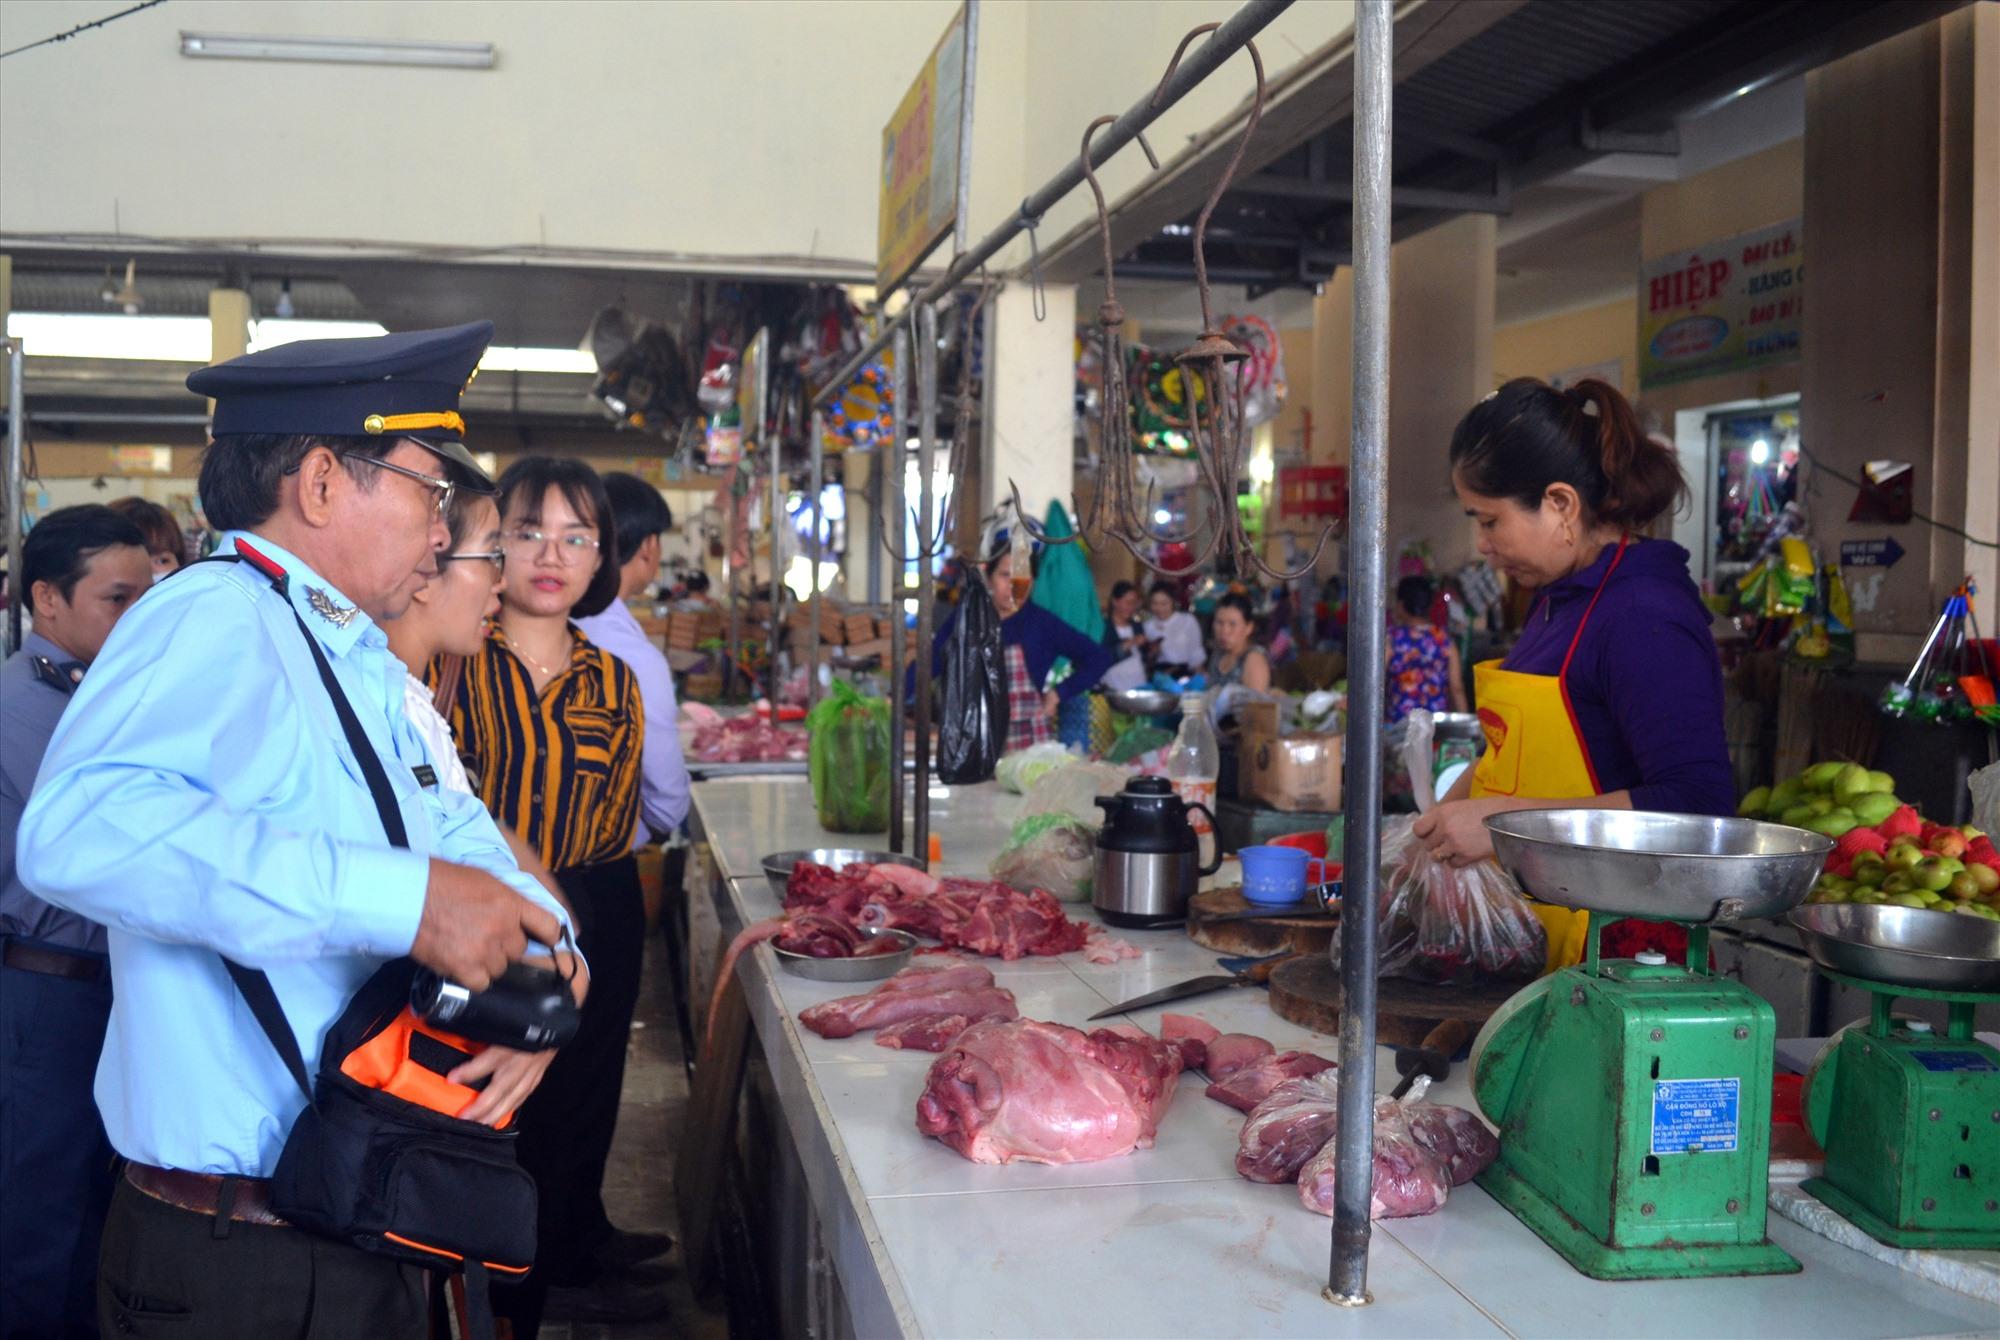 Ngành chức năng thanh tra, kiểm tra ATTP ở chợ Nam Phước. Ảnh: VIỆT NGUYỄN